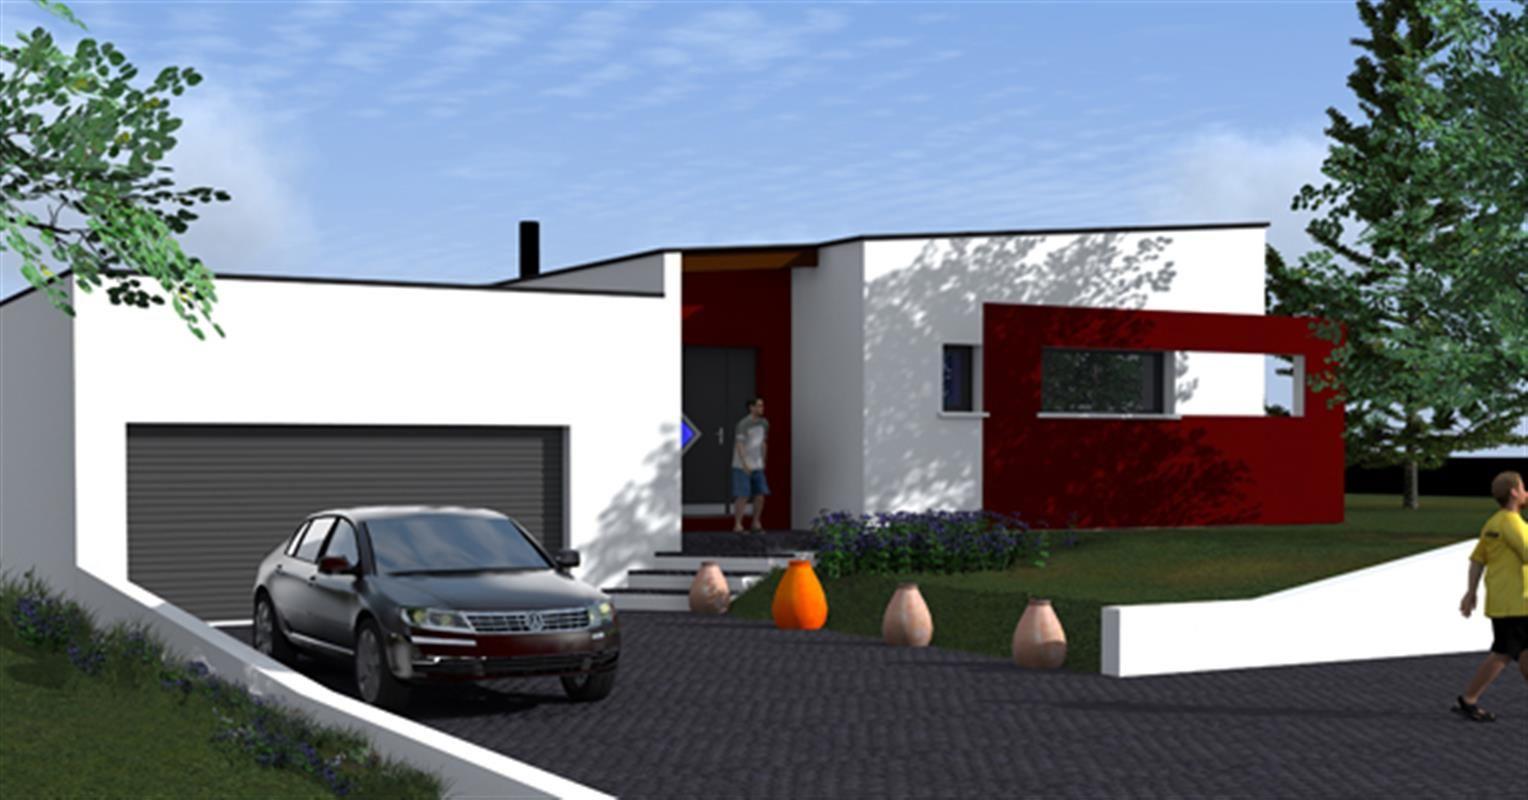 Promoteur maison neuve great reste volution vente maisons for Promoteur maison